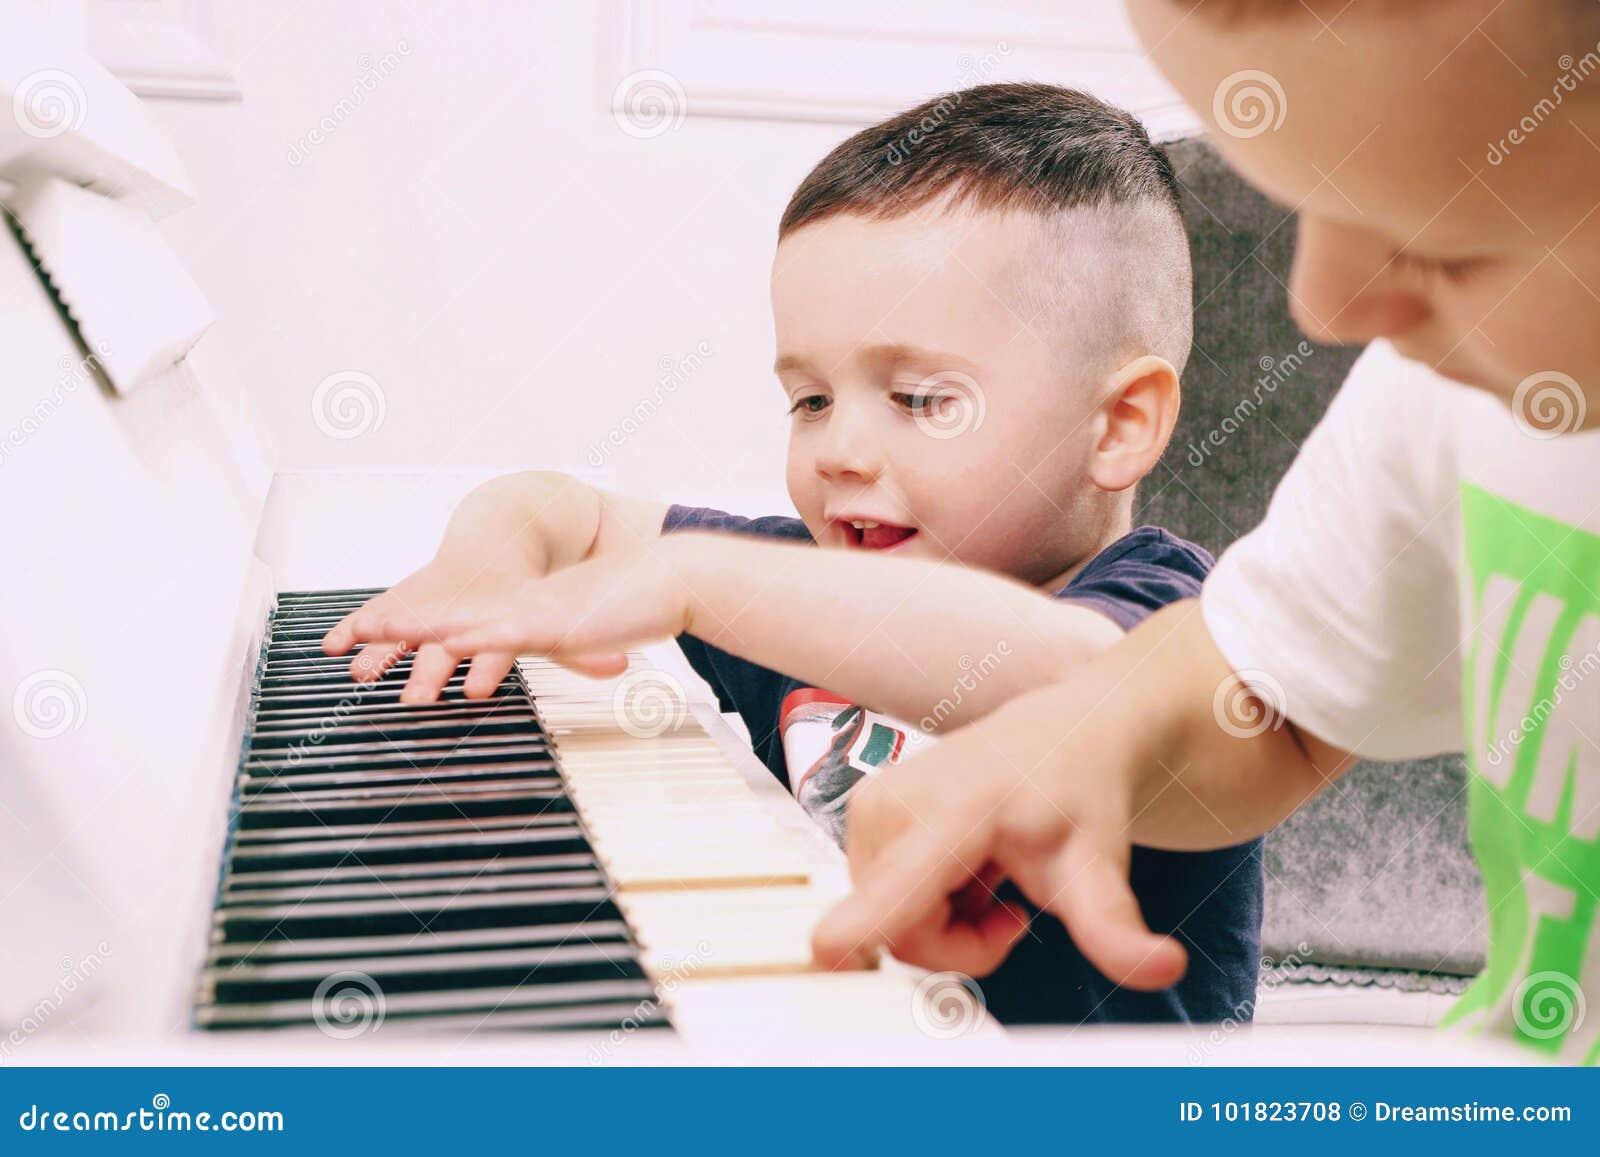 Der Junge spielt das Klavier